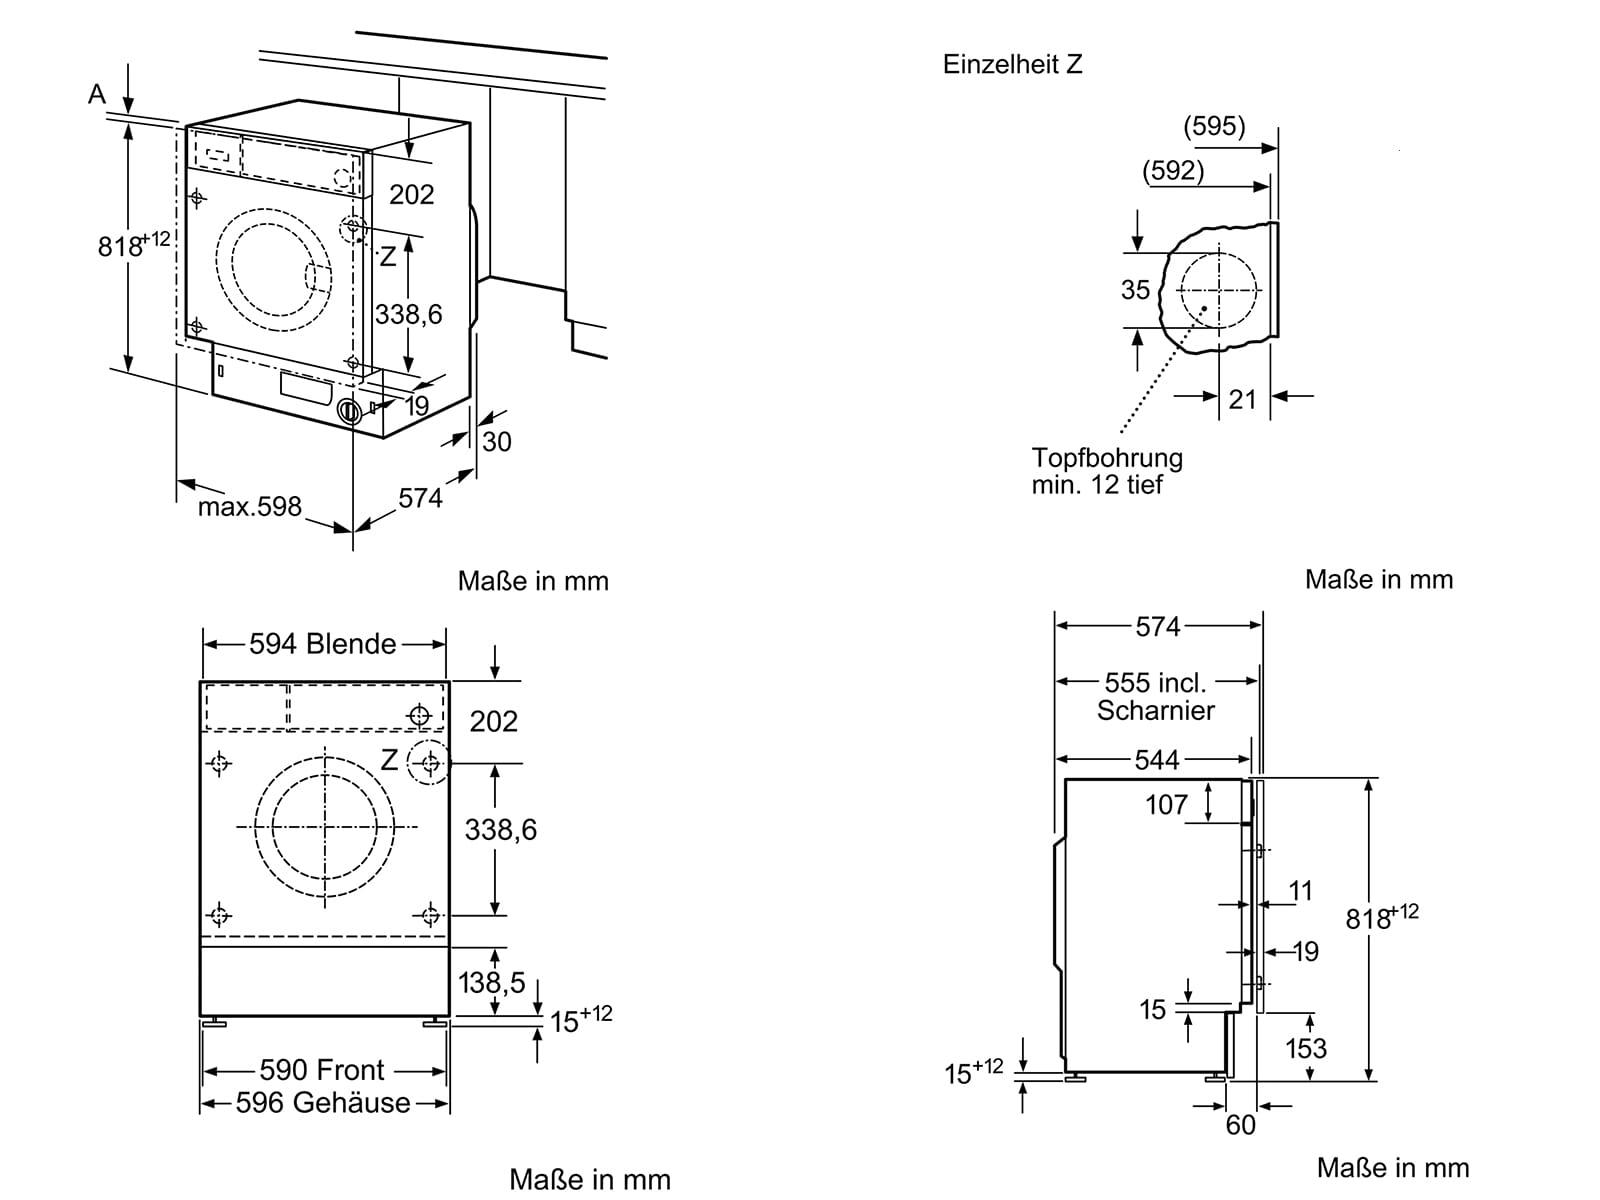 Neff WV644 Einbauwaschmaschine